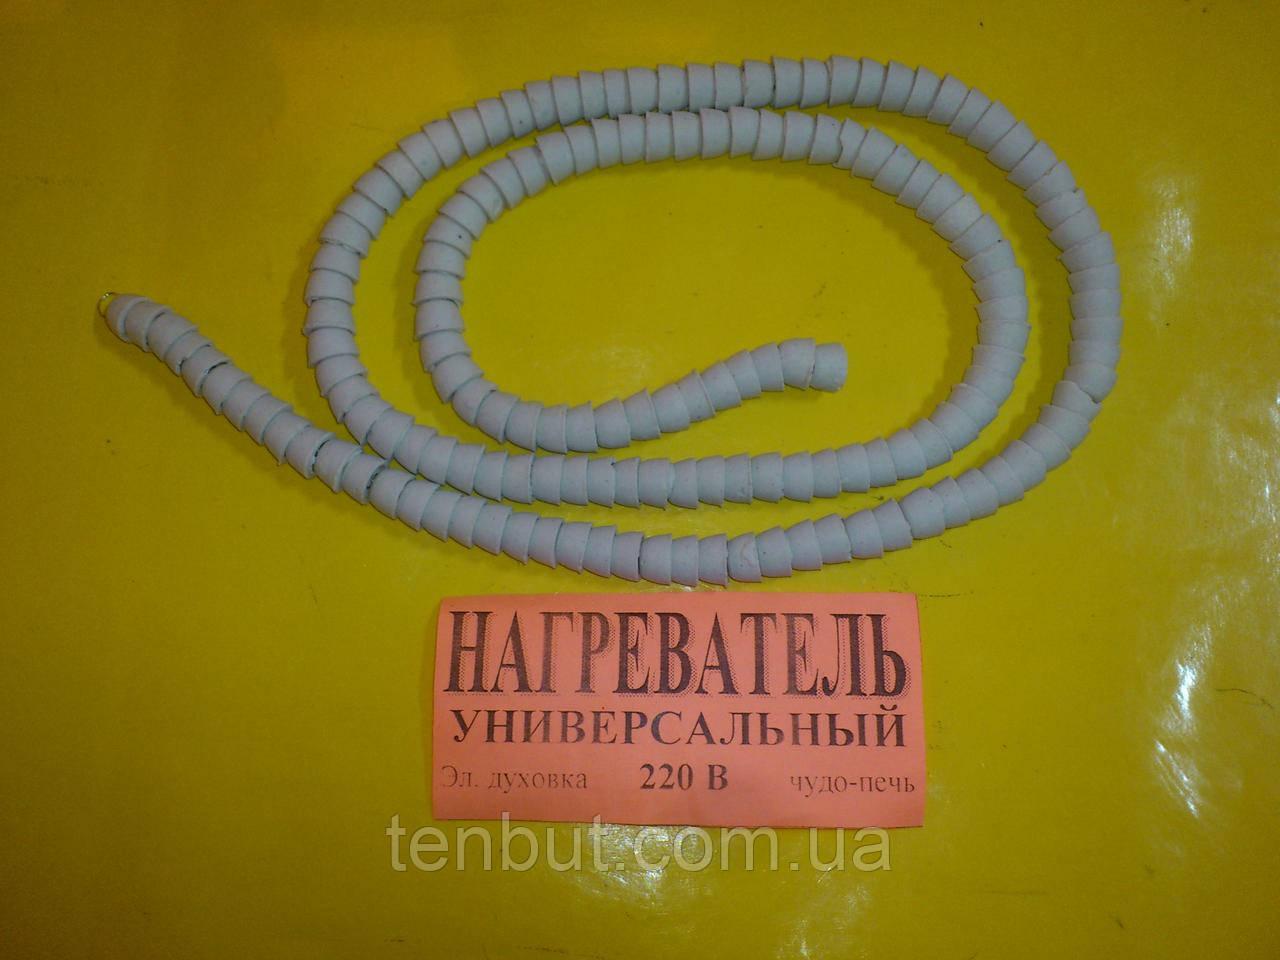 Спираль в керамическом изоляторе для эл. духовки чудо-печь 220 В. / 1000 Вт.